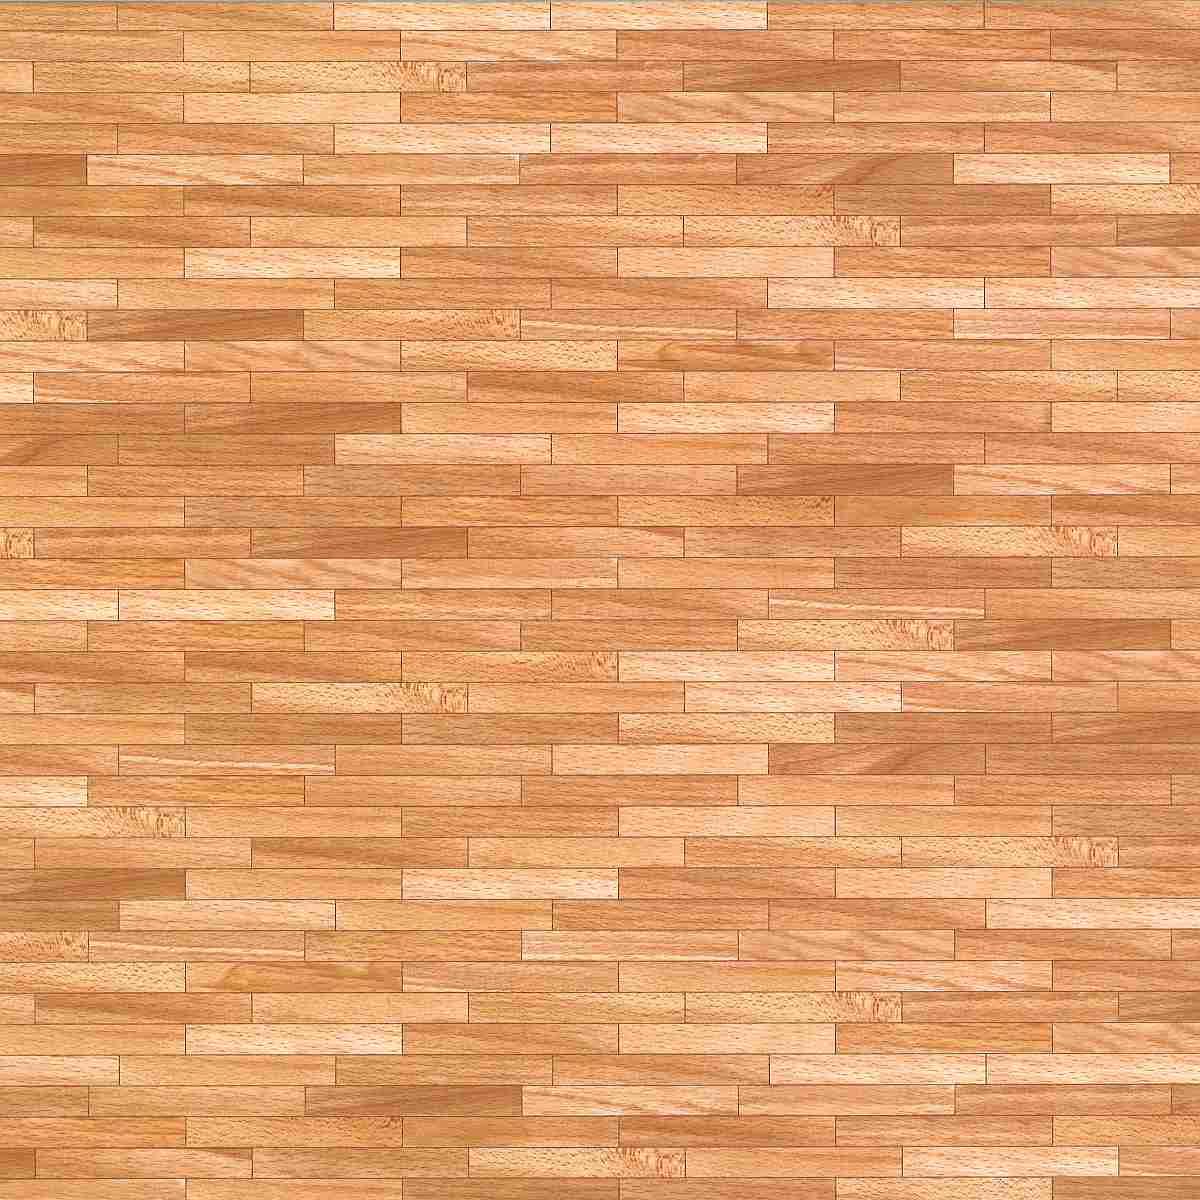 Folien für Böden und Wände